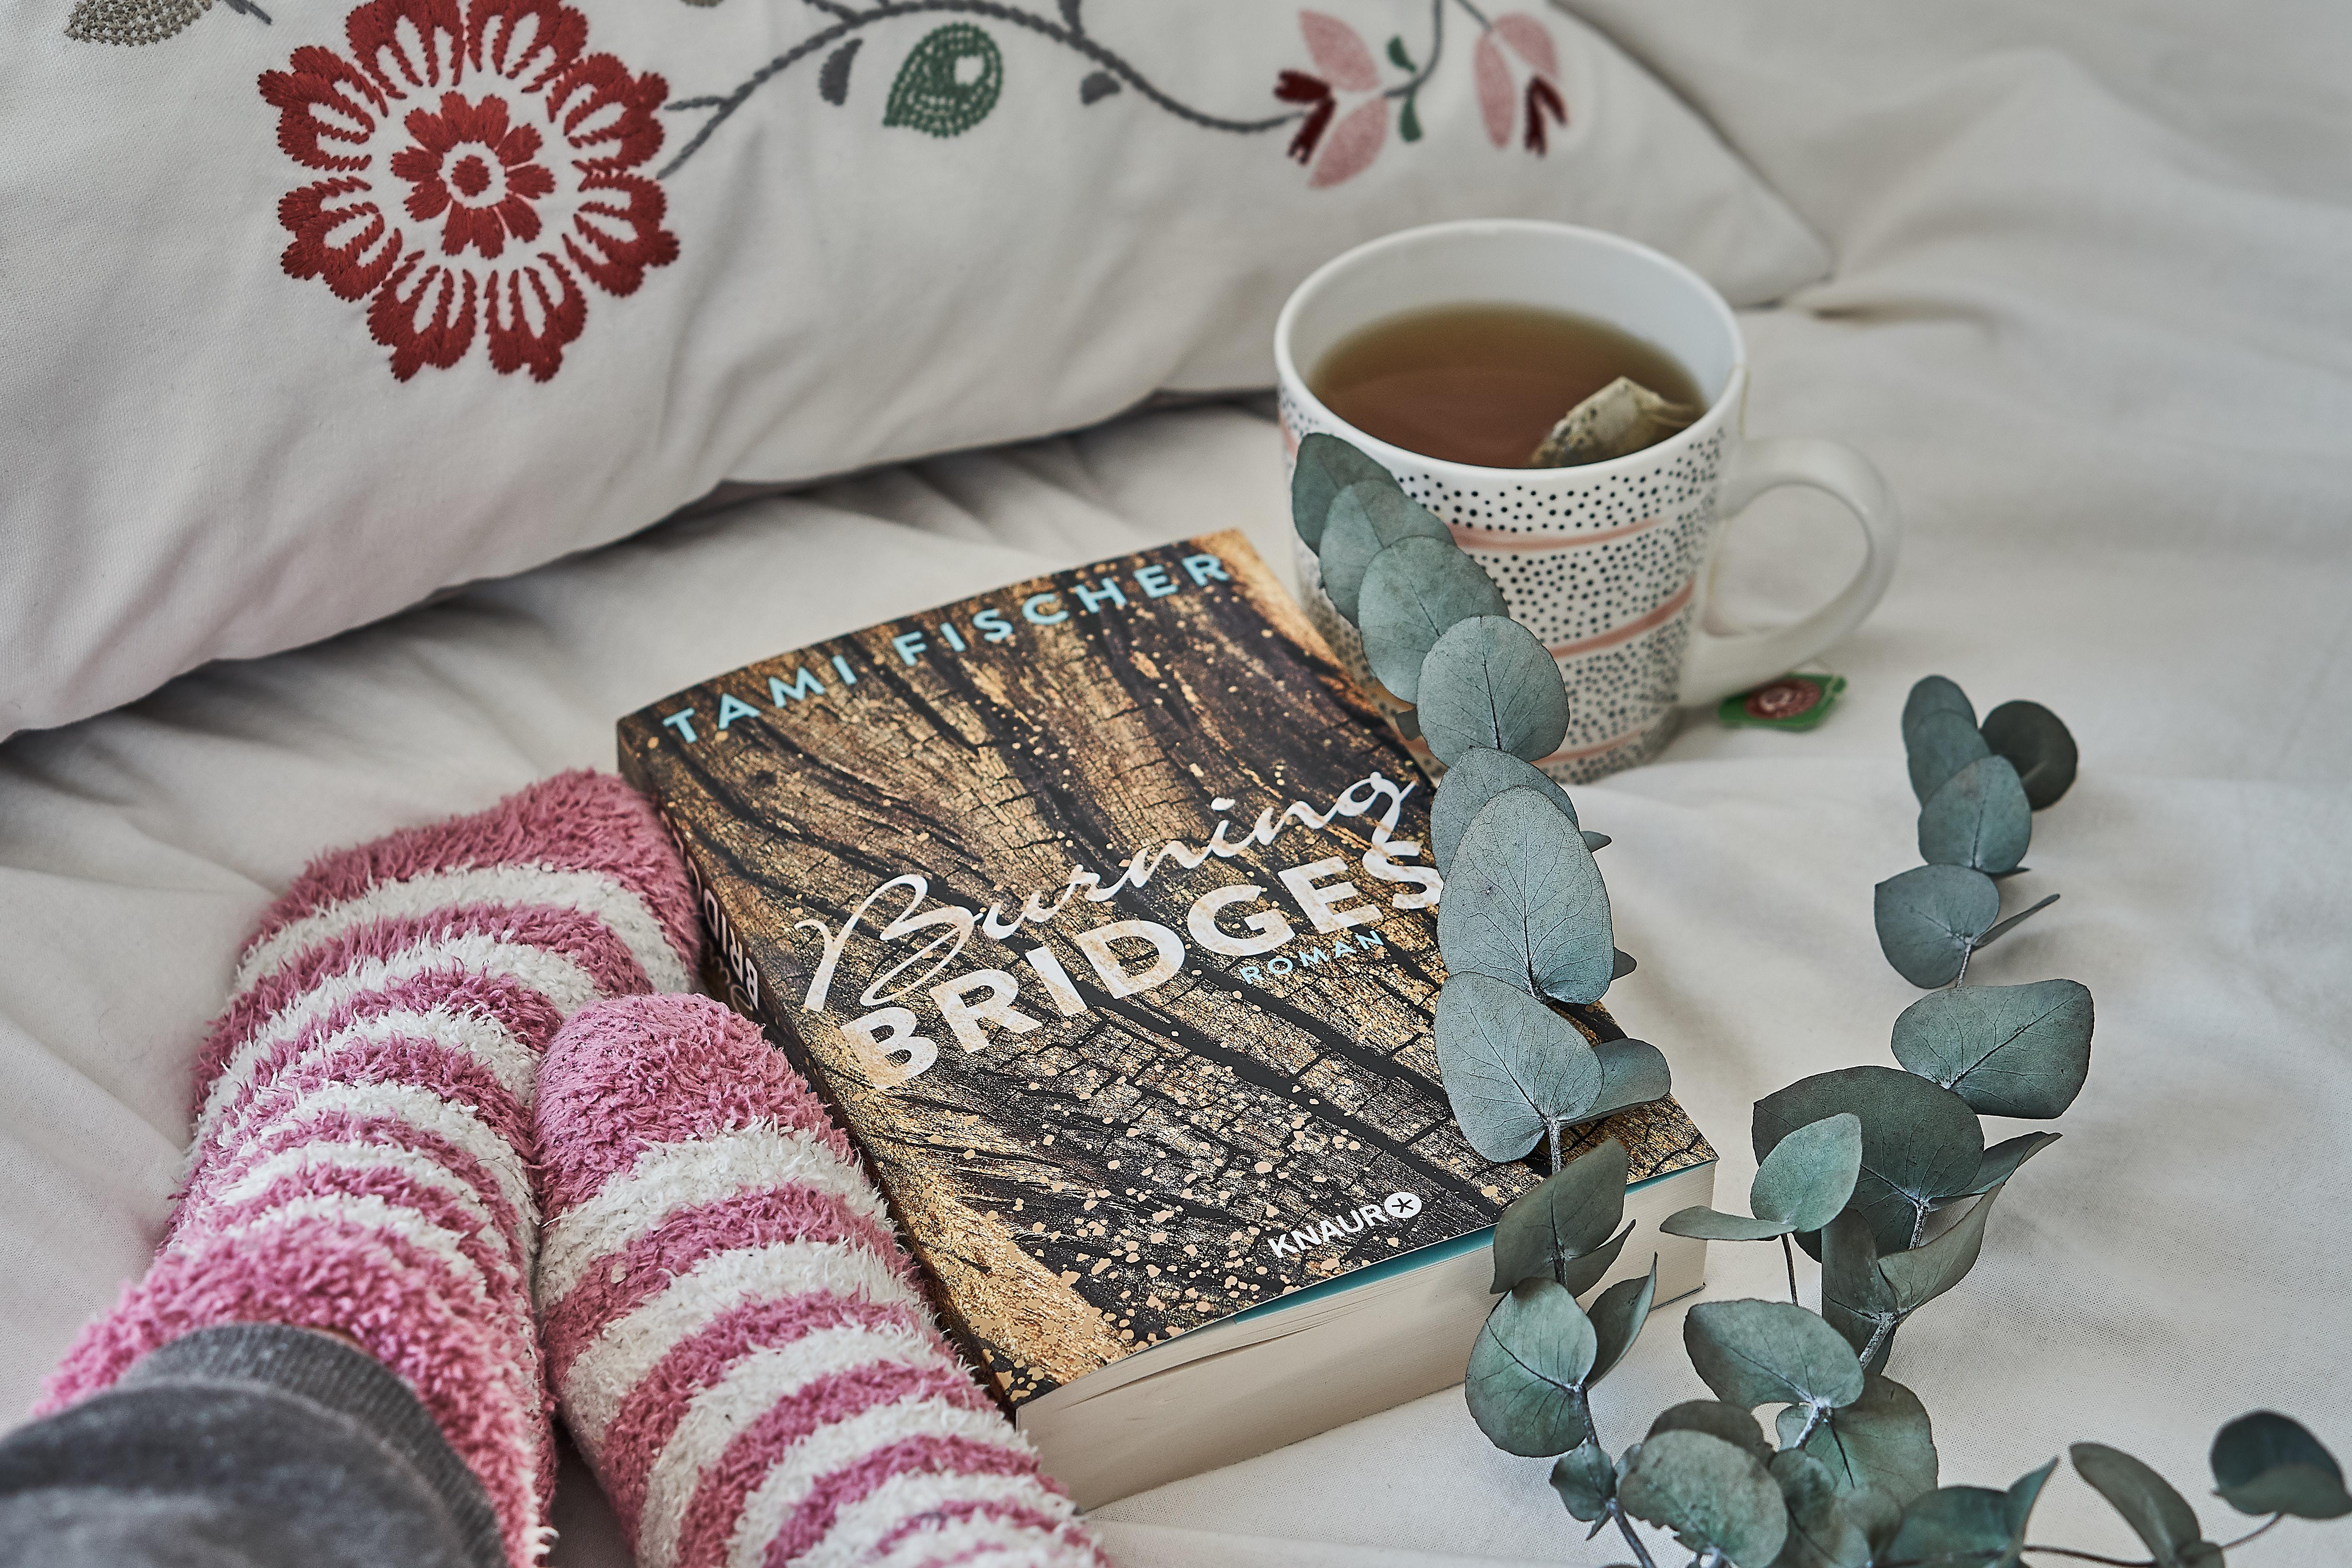 Rezension: Burning Bridges von Tami Fischer